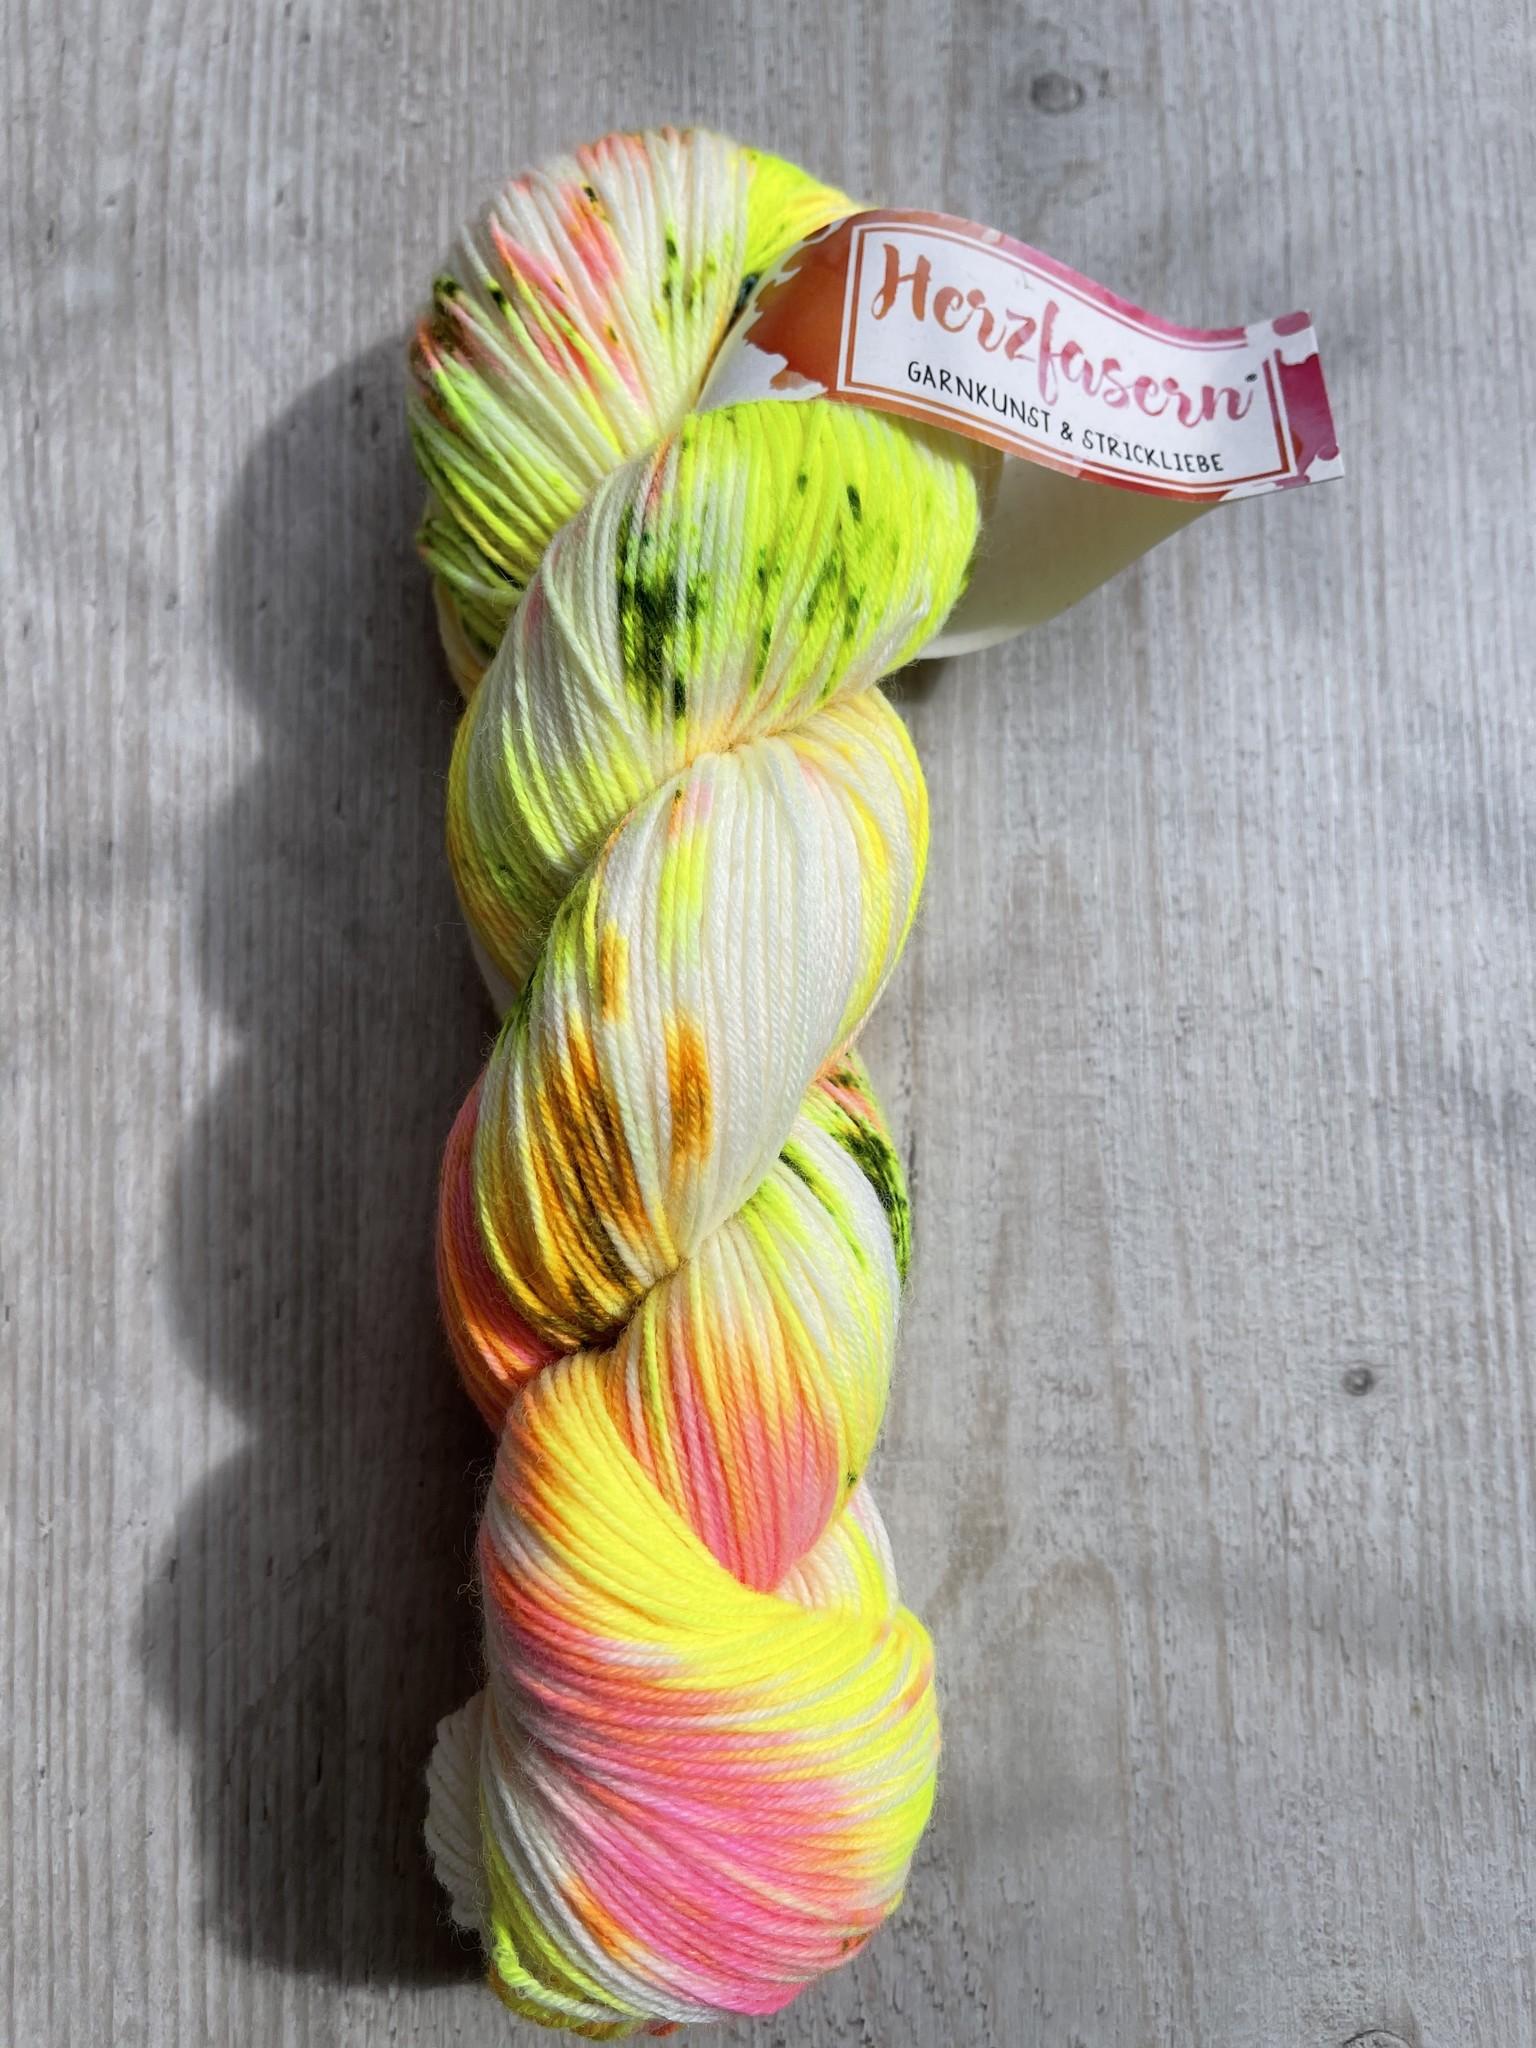 Herzfasern Herzfaser No 22 - Sockenwolle 4-fach  mit recyceltem Polyamid-muselingfrei  Hanako 2.0 neon